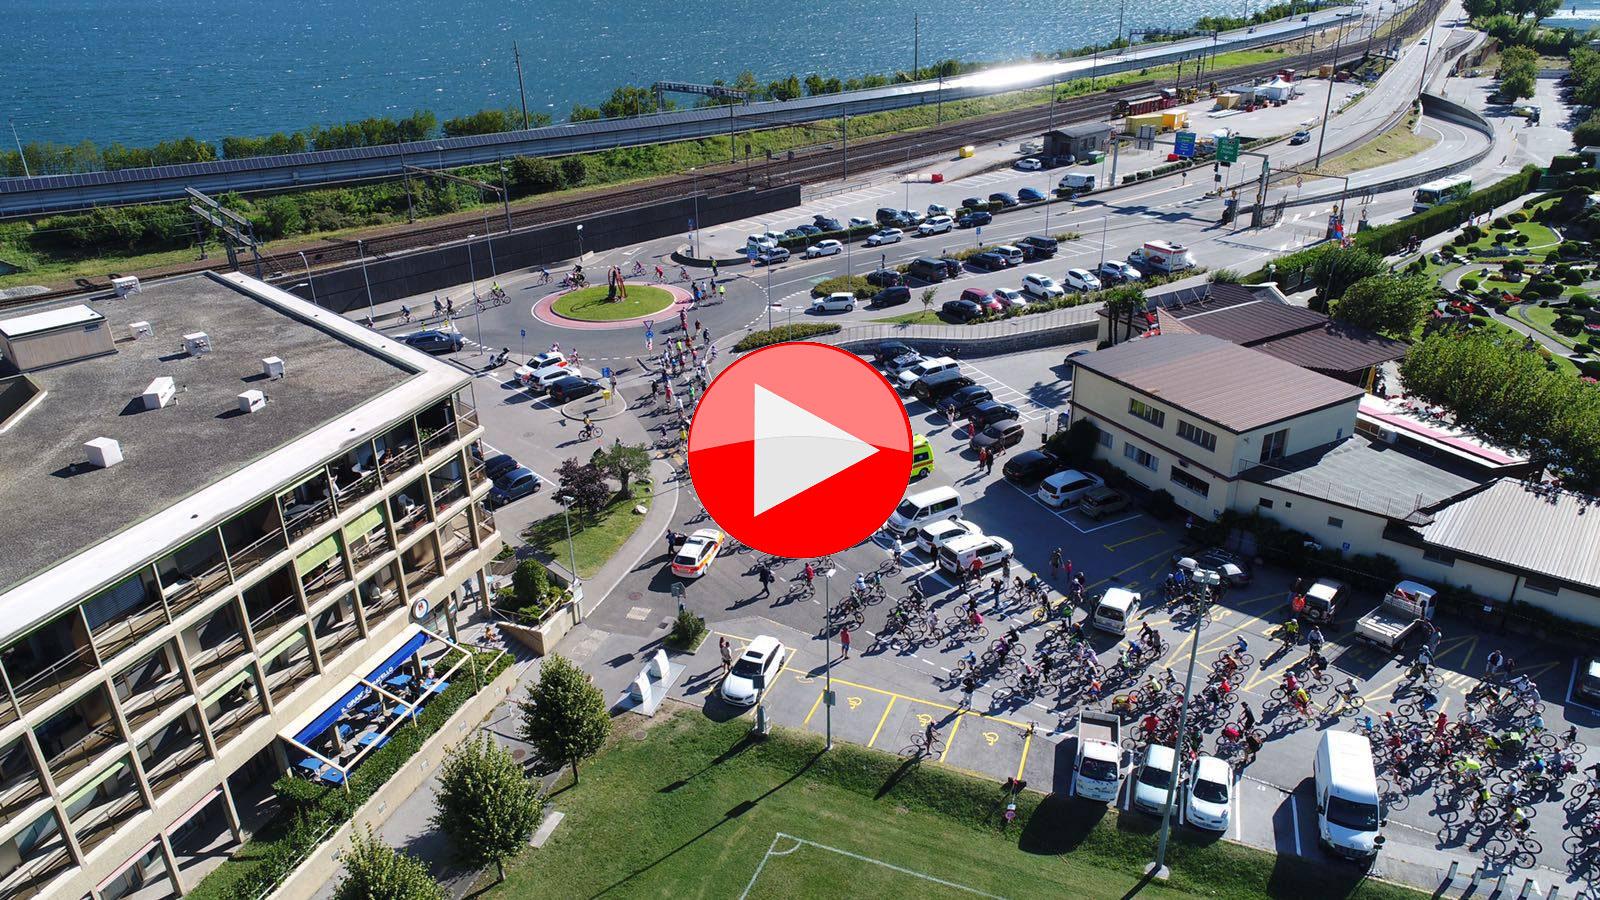 Guarda il video della splendida giornata per la 1. edizione della Bike Day!